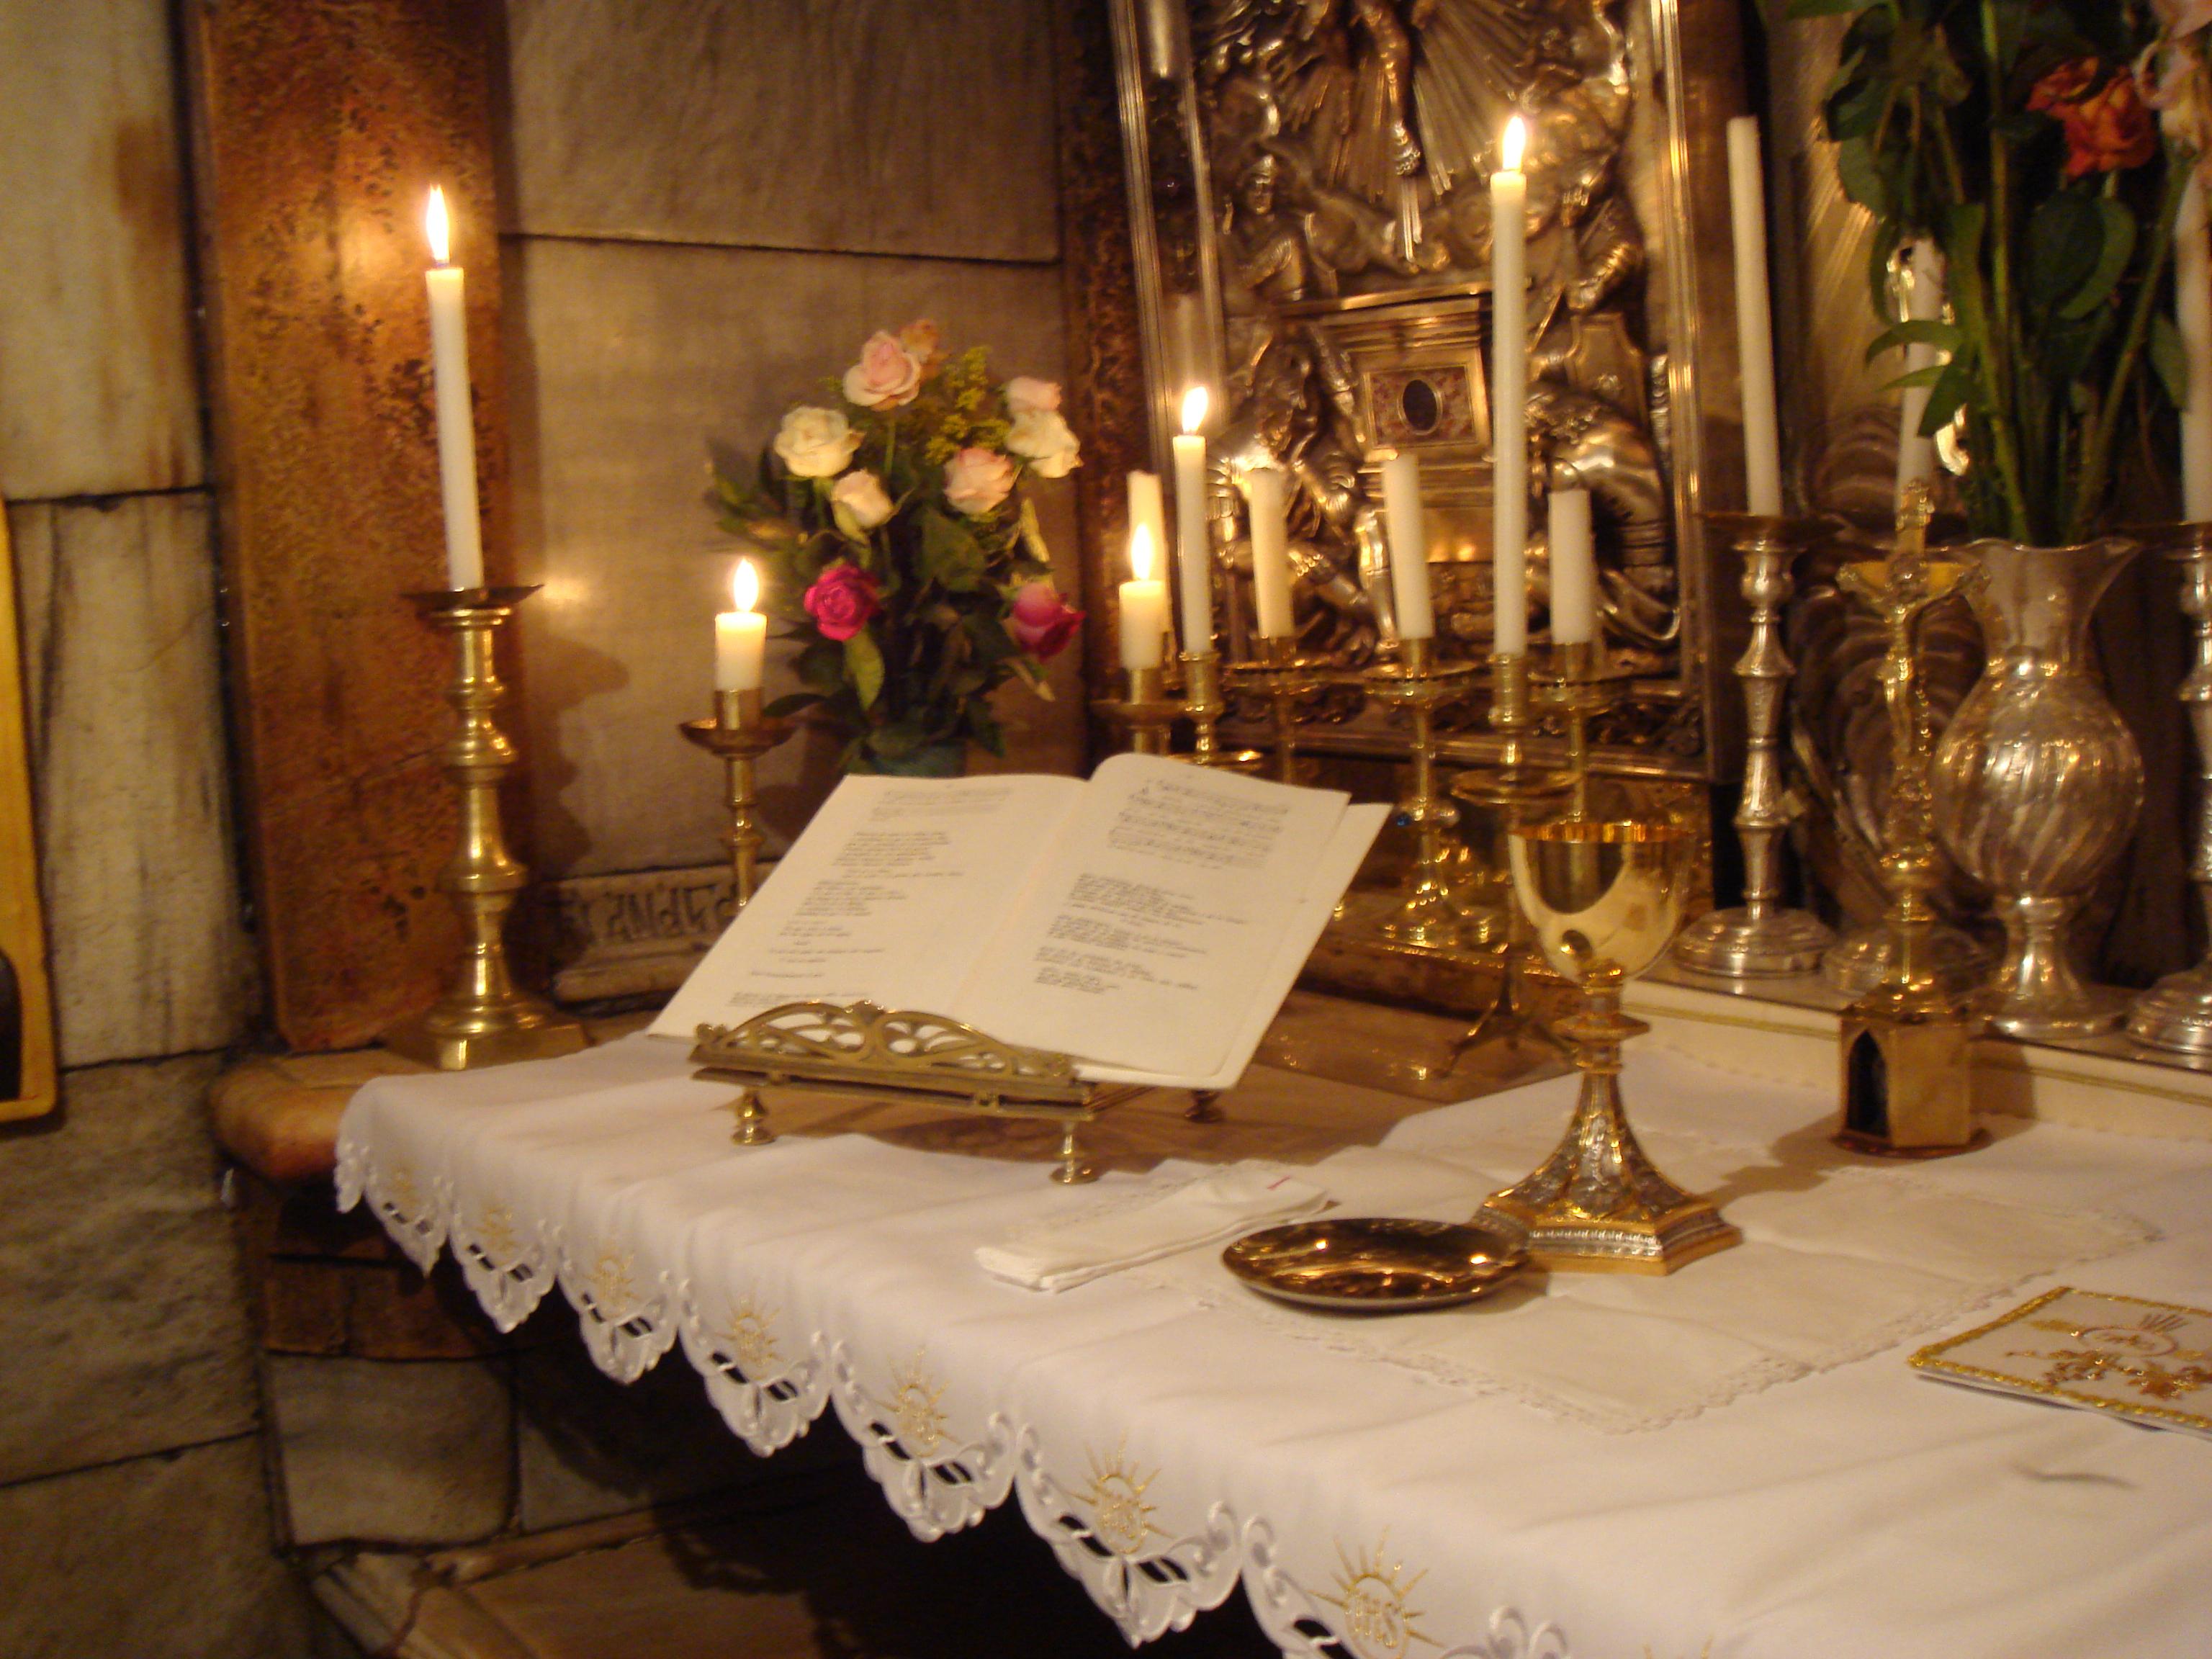 термобелье храм гроба господня православный должны помнить, что